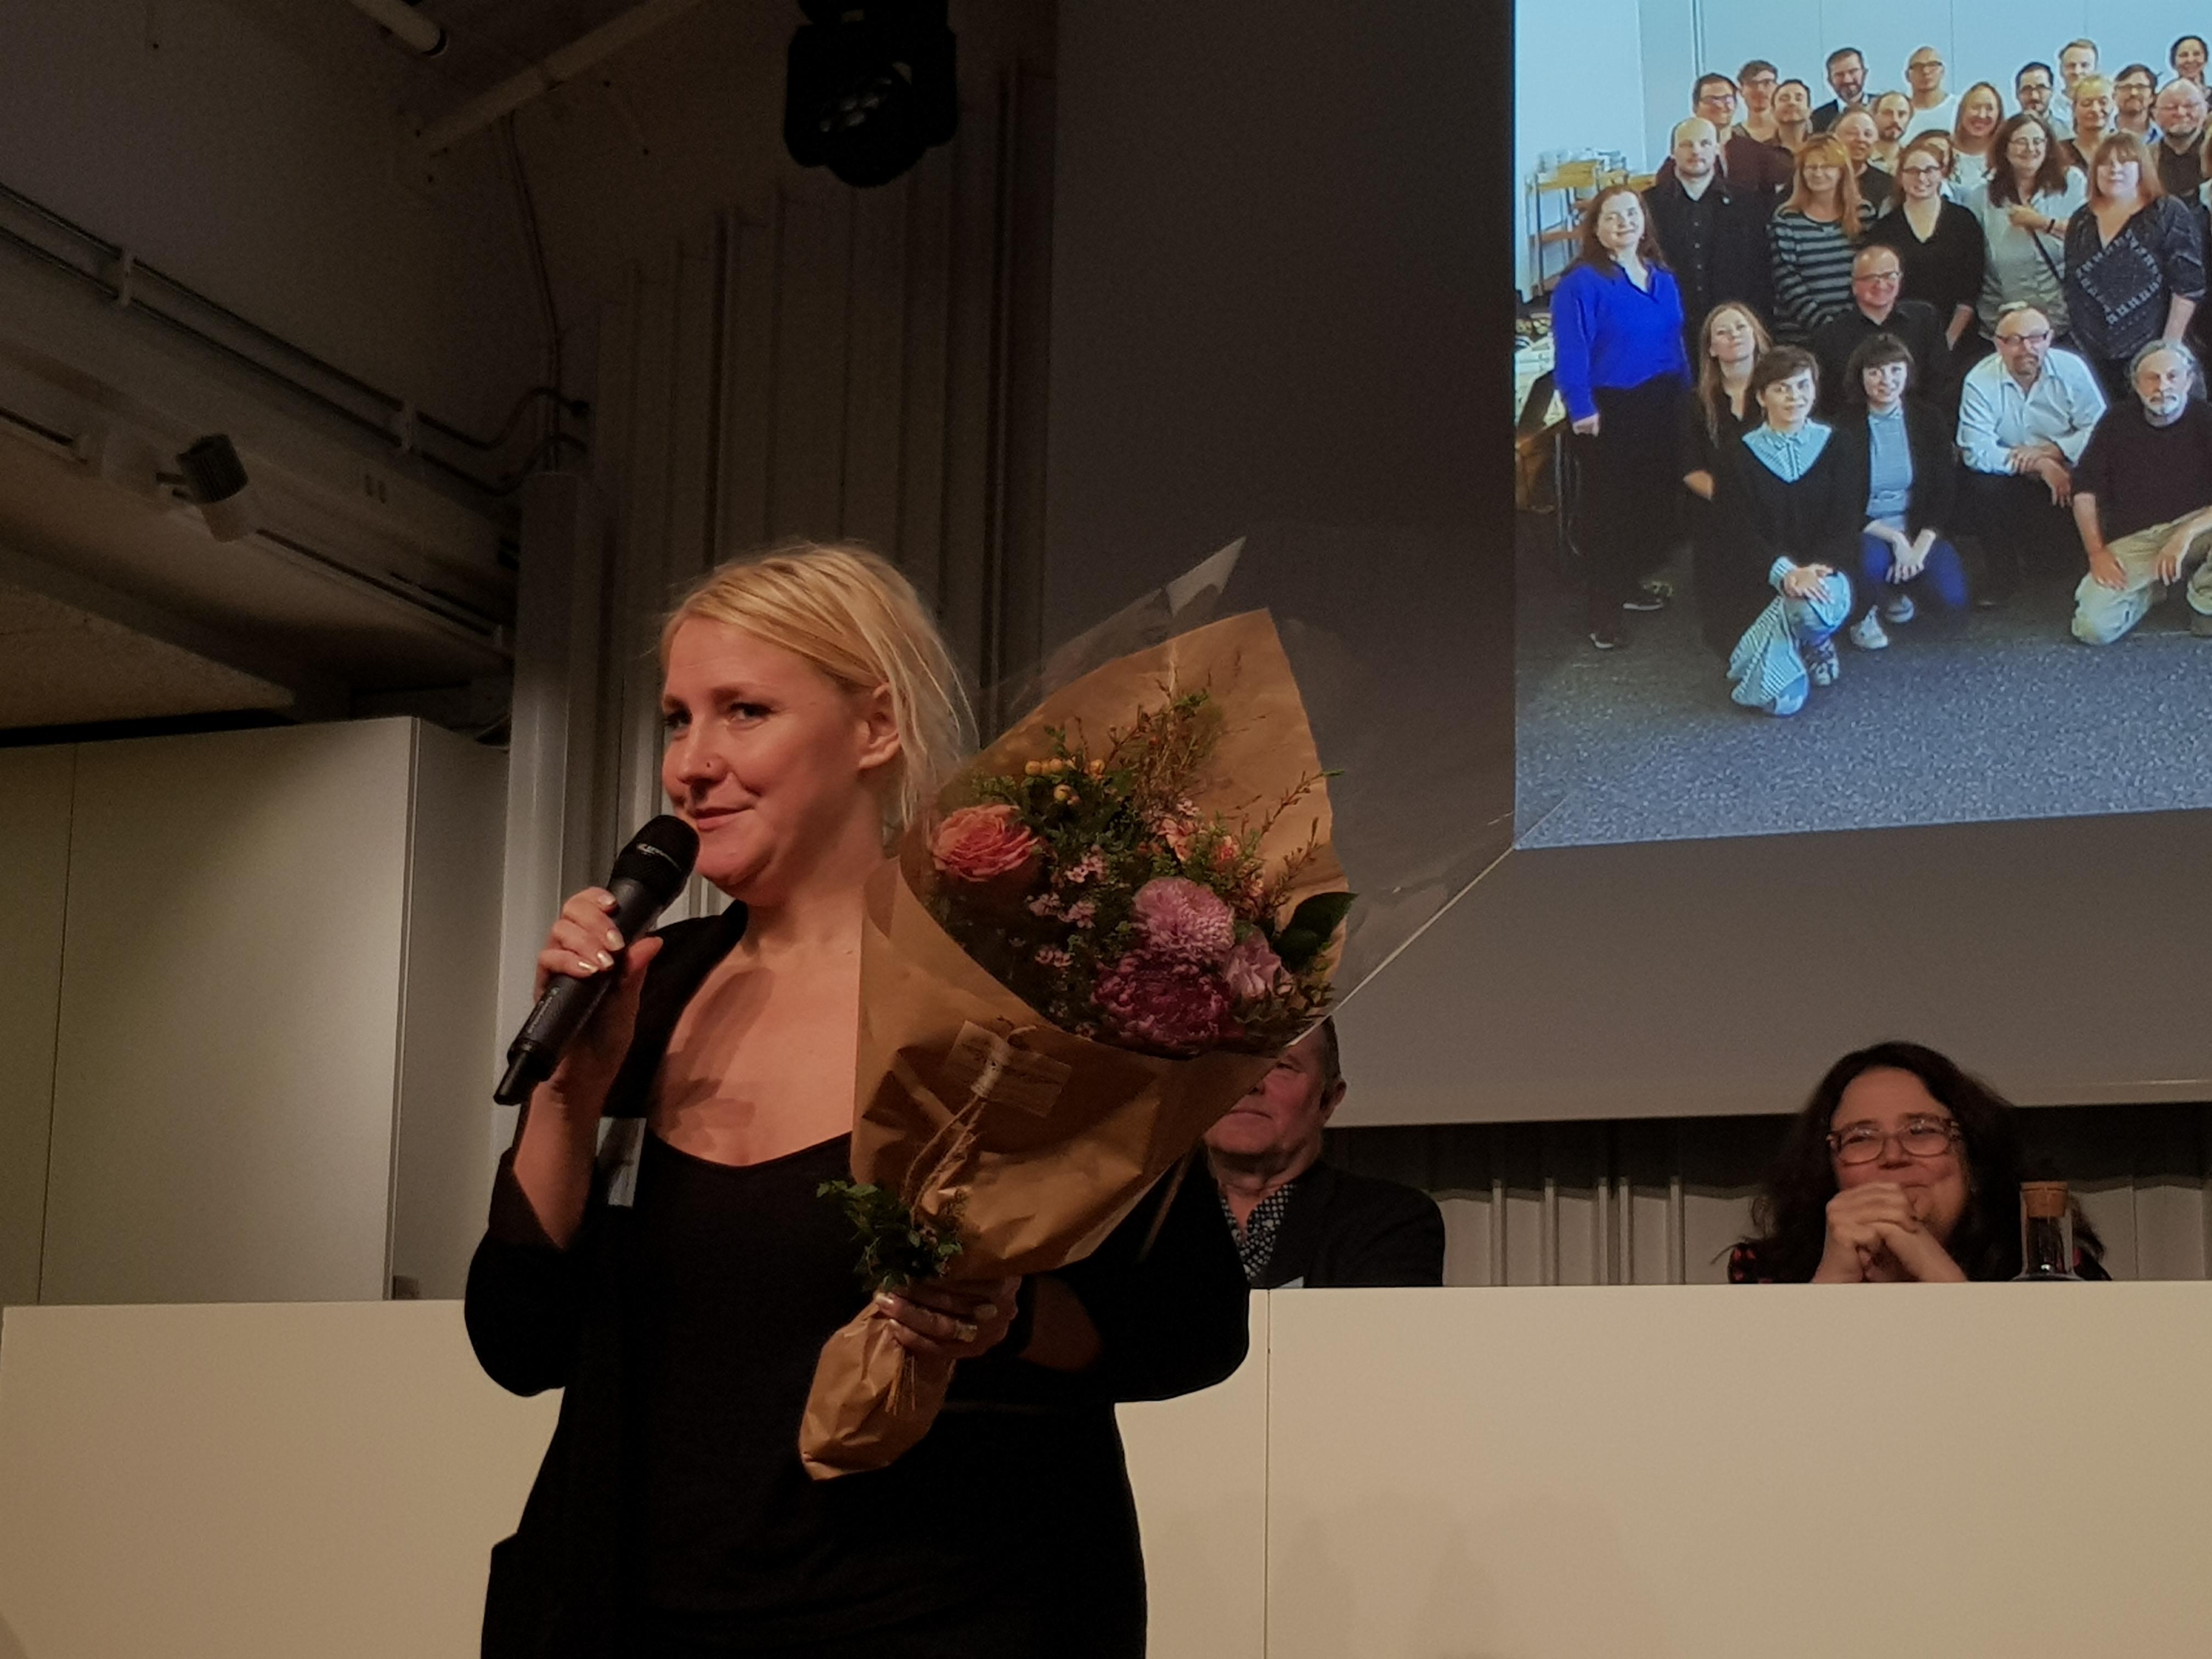 Johanna Emanuelsson är mottagaren av 2018 års Henning Mankell-stipendium